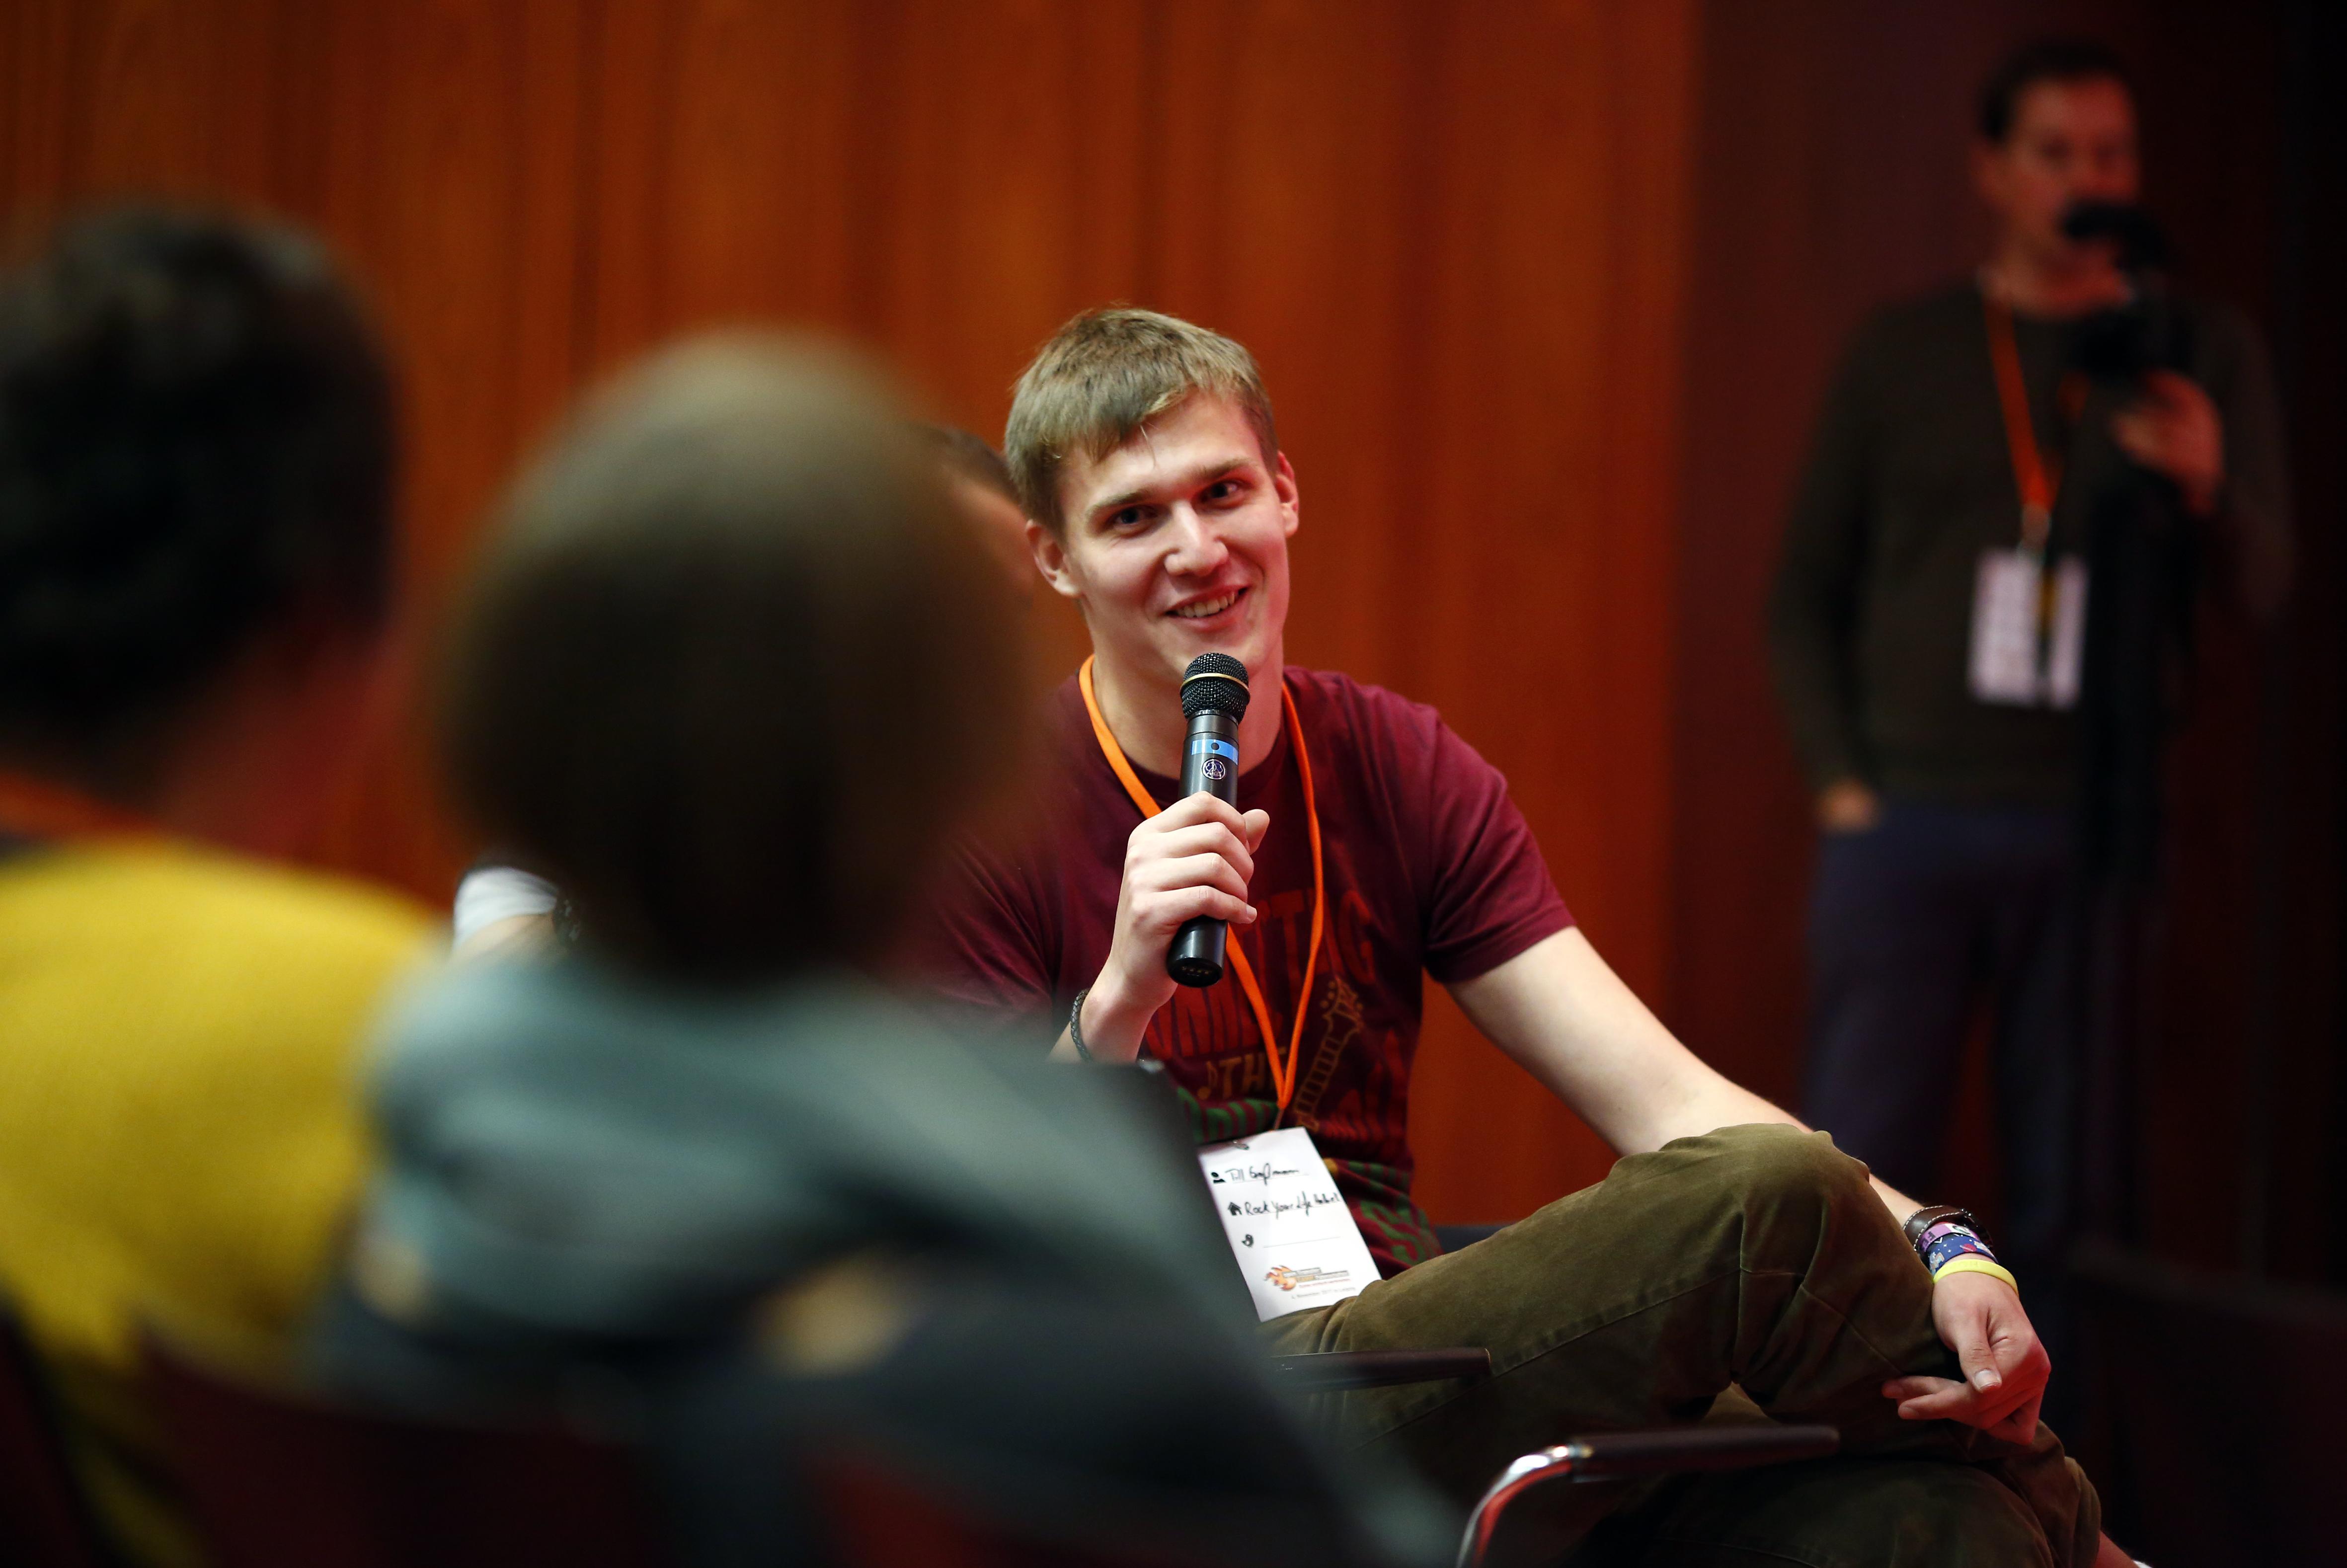 Ein junger Mann sitzt auf einem Stuhl und hält ein Mikro, im Vordergrund sind weitere Personen.